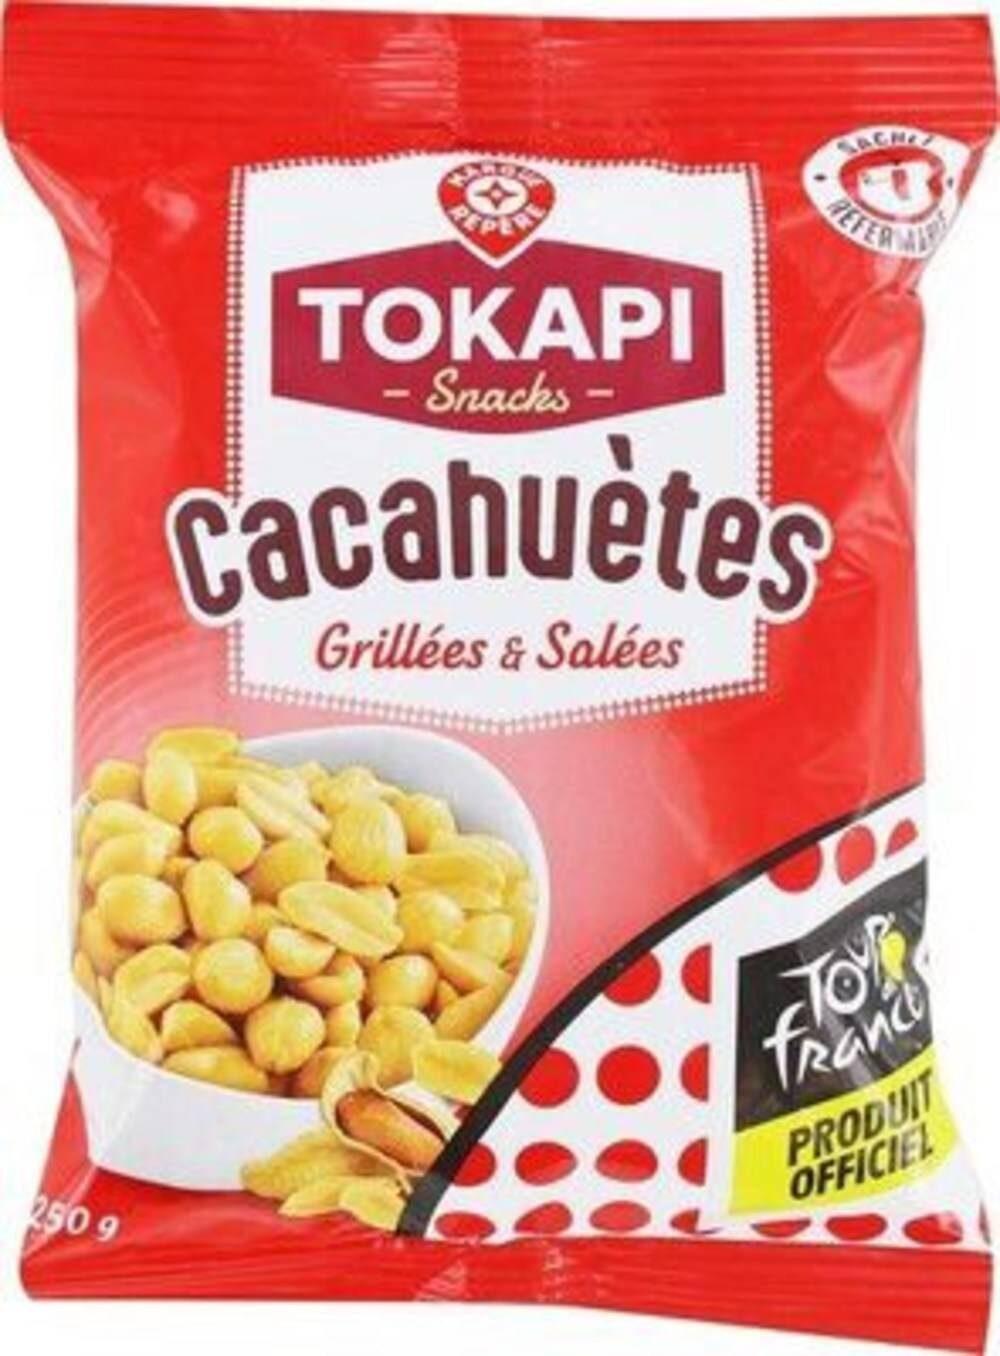 Cacahuètes grillées & salées - Produit - fr